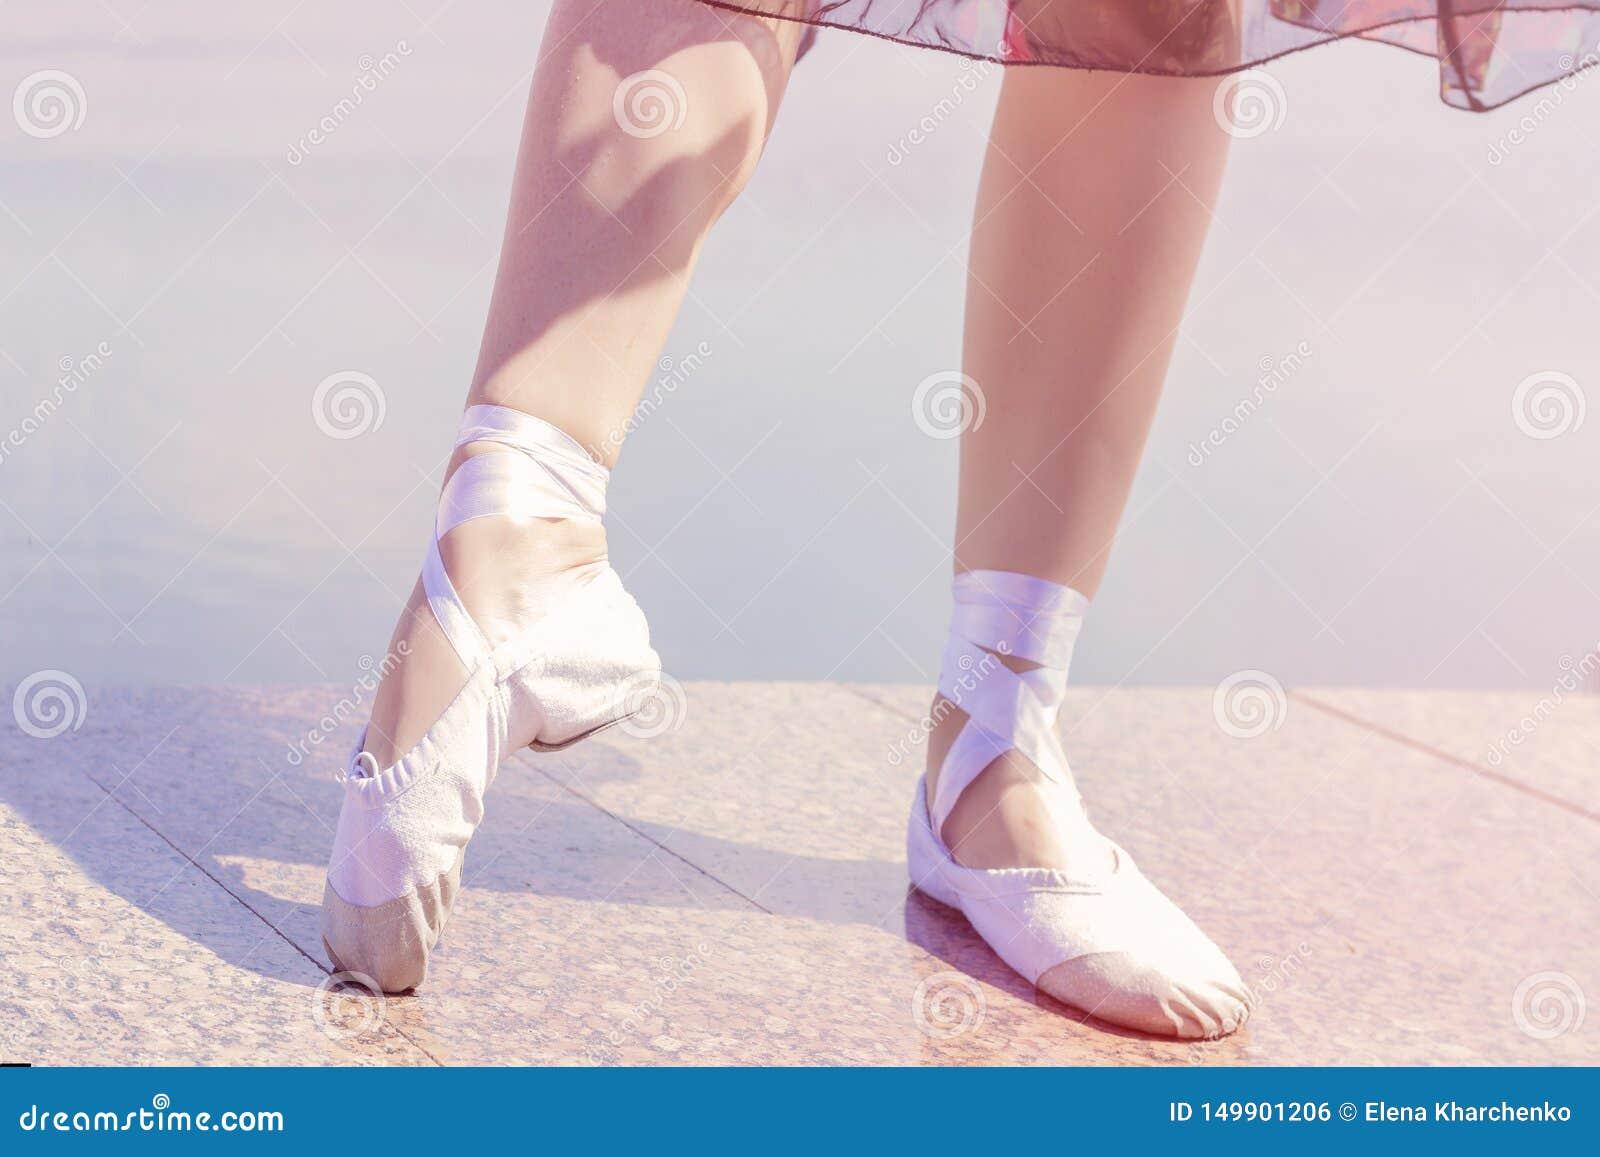 Scarpe di balletto per ballare calzate sulle loro ragazze del ballerino dei piedi